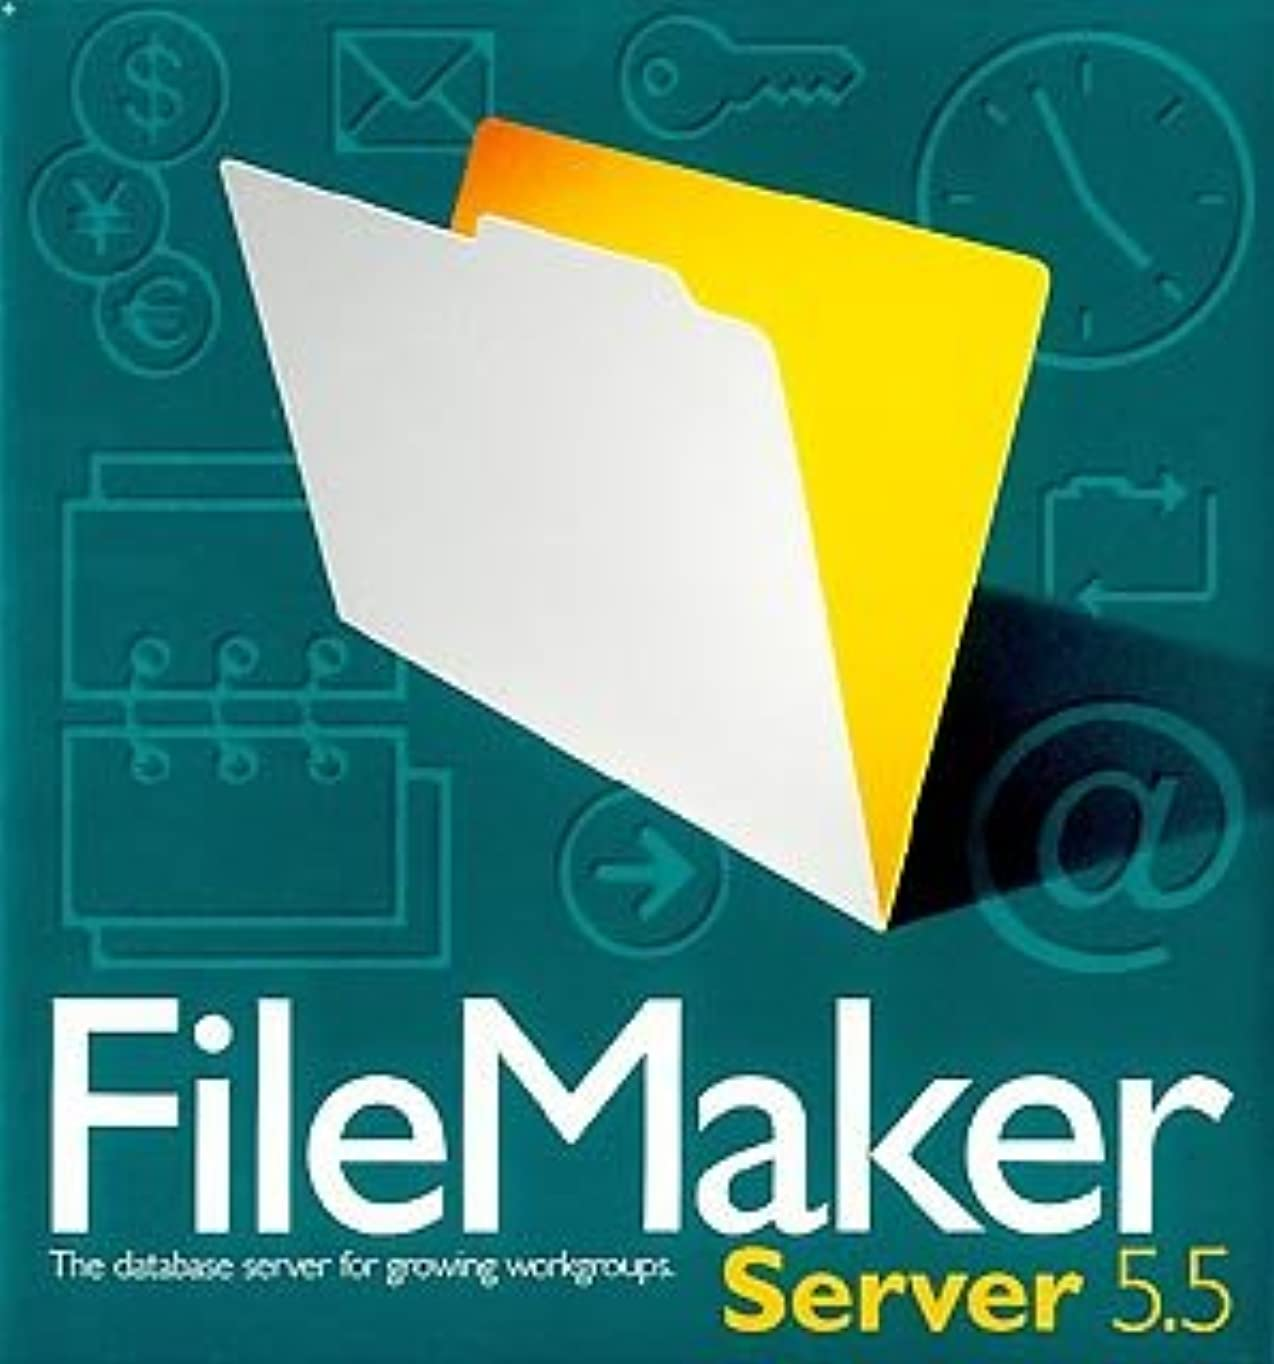 収益迫害ヒントファイルメーカー Server 5.5 Macintosh版